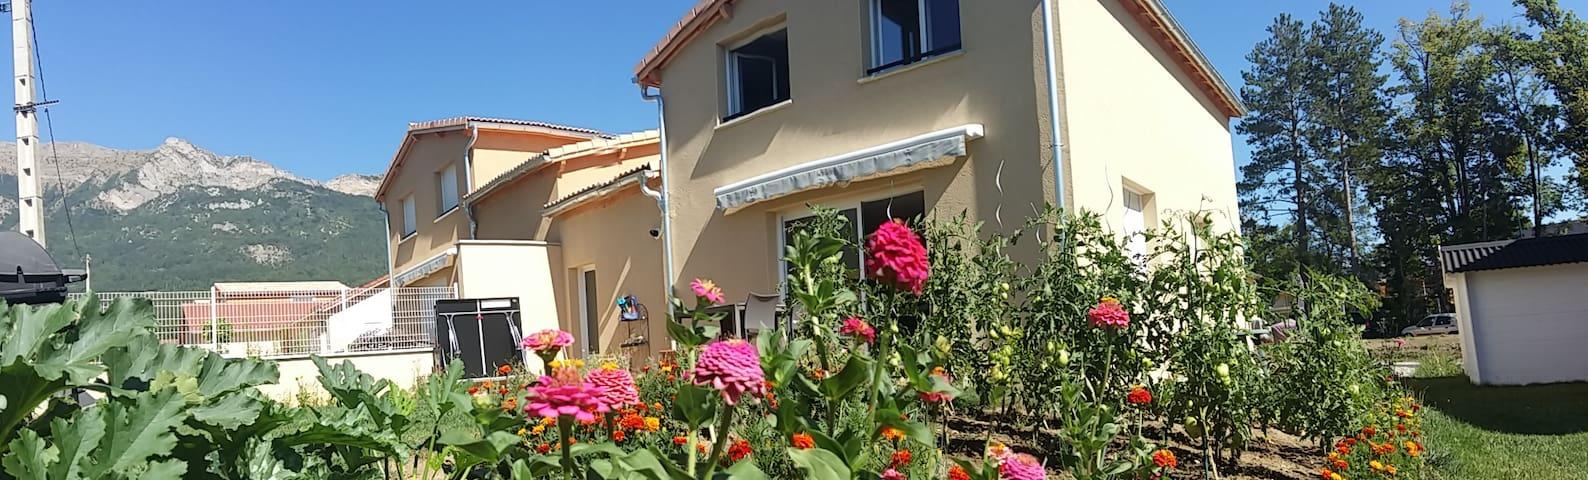 Maison neuve proche centre ville 80m2 - Gap - Rumah